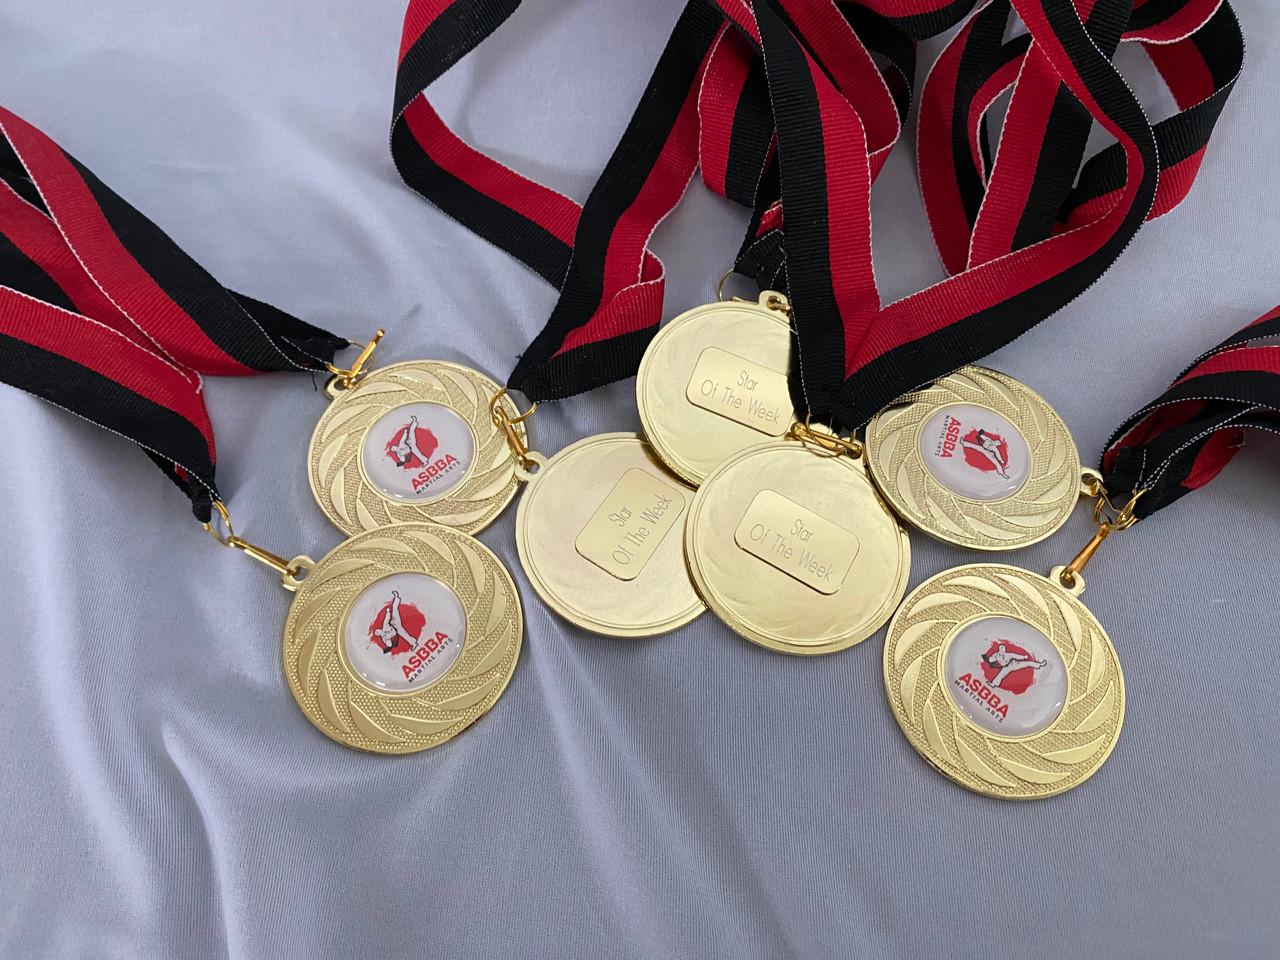 Cheerleading medals